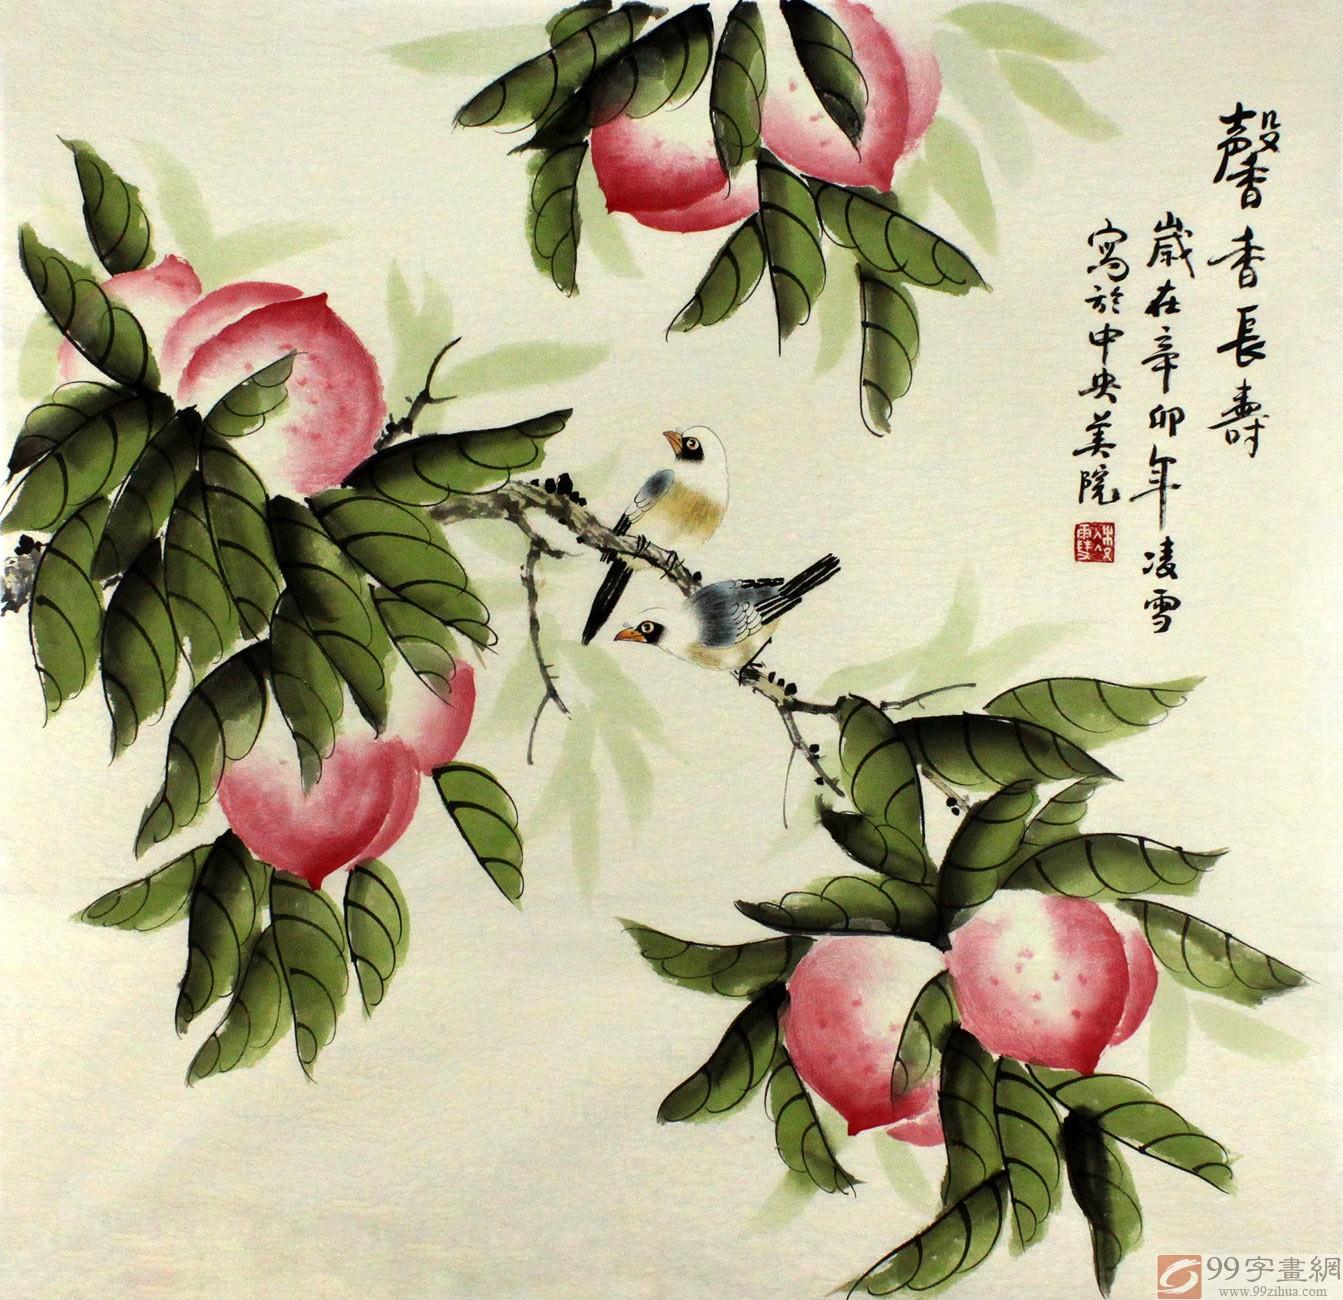 凌雪祝寿国画桃子馨香长寿图片